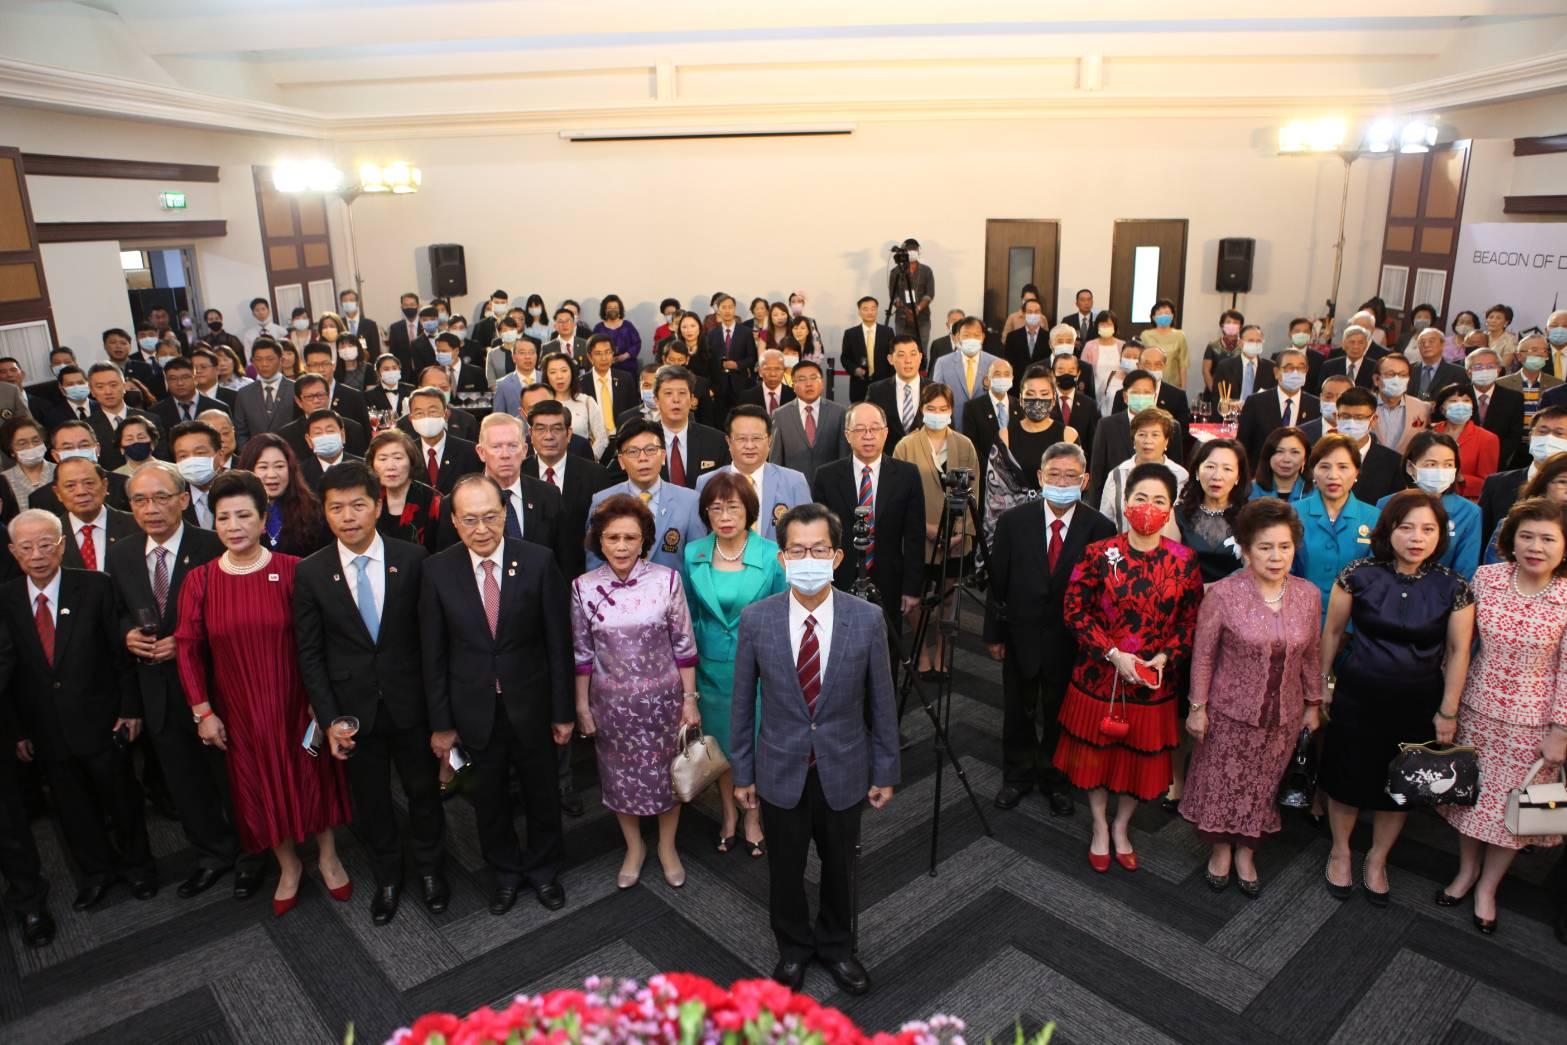 ไต้หวันจัดงานเฉลิมฉลองวันชาติสาธารณรัฐจีน (ไต้หวัน) ปีที่109